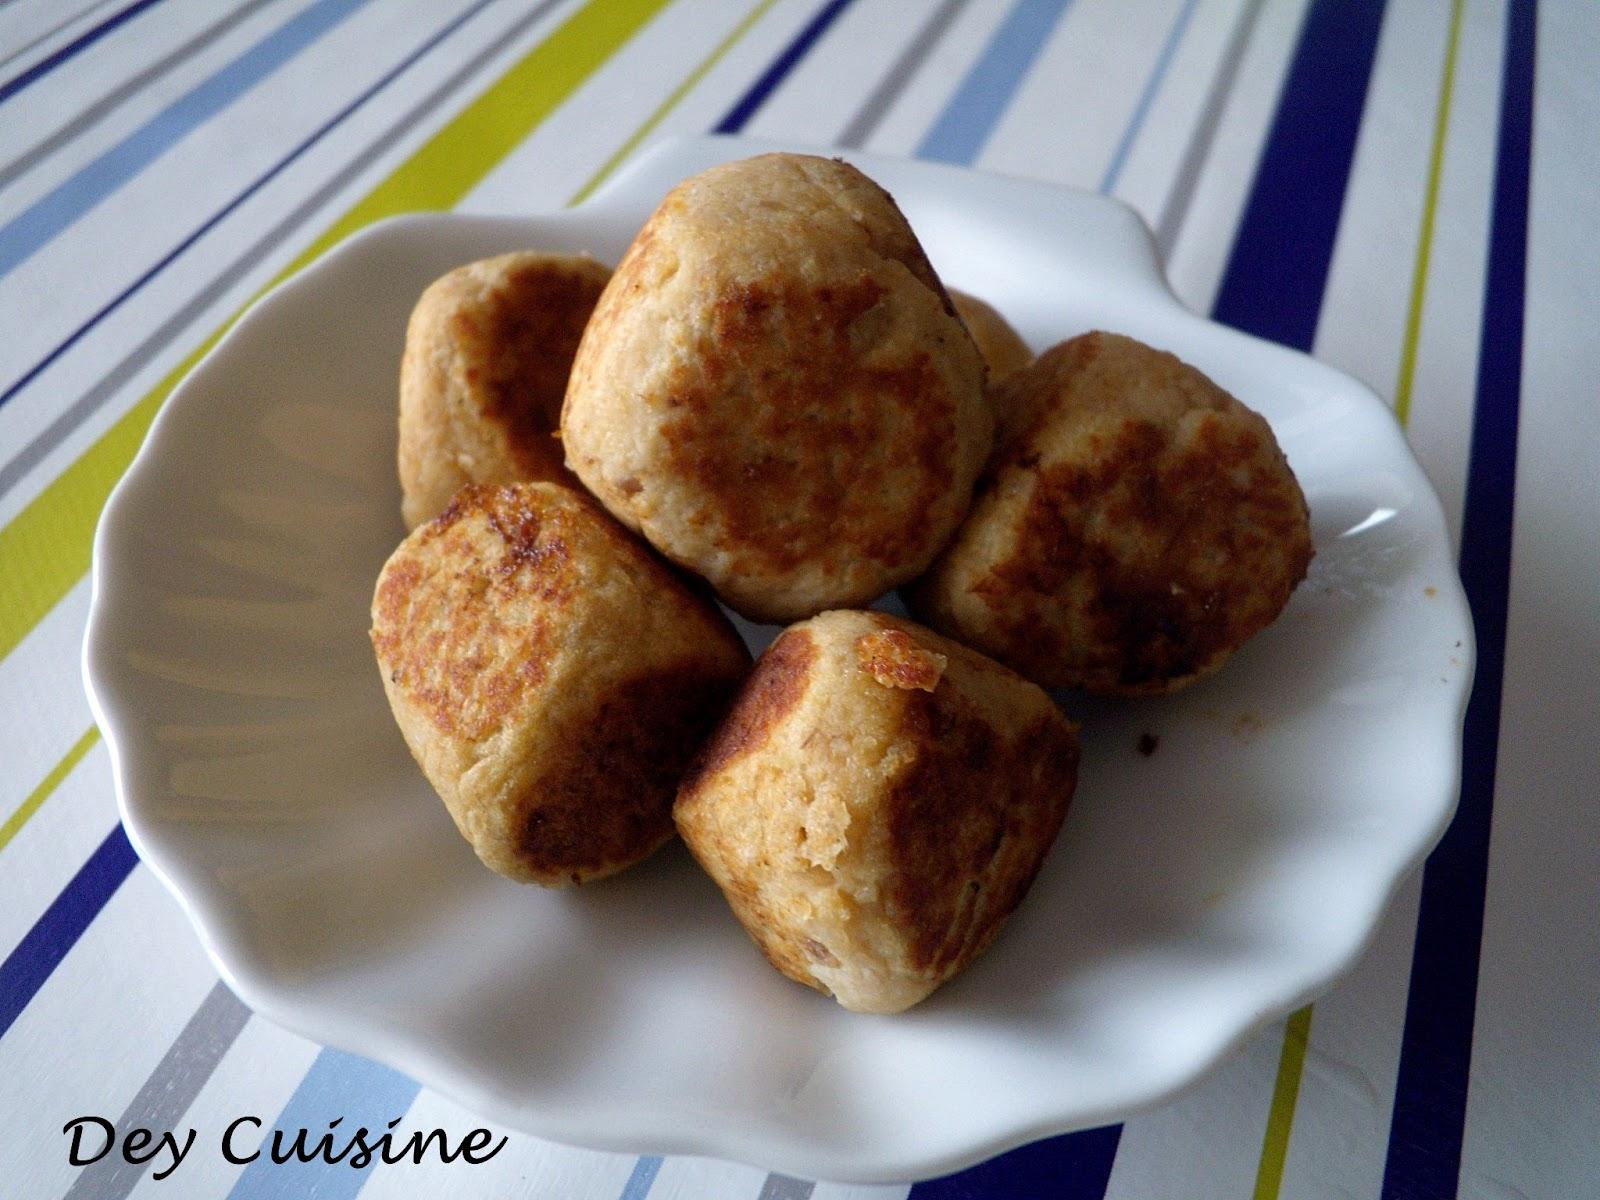 Dey cuisine boulettes de poulet r ti - Que faire avec des reste de poulet ...